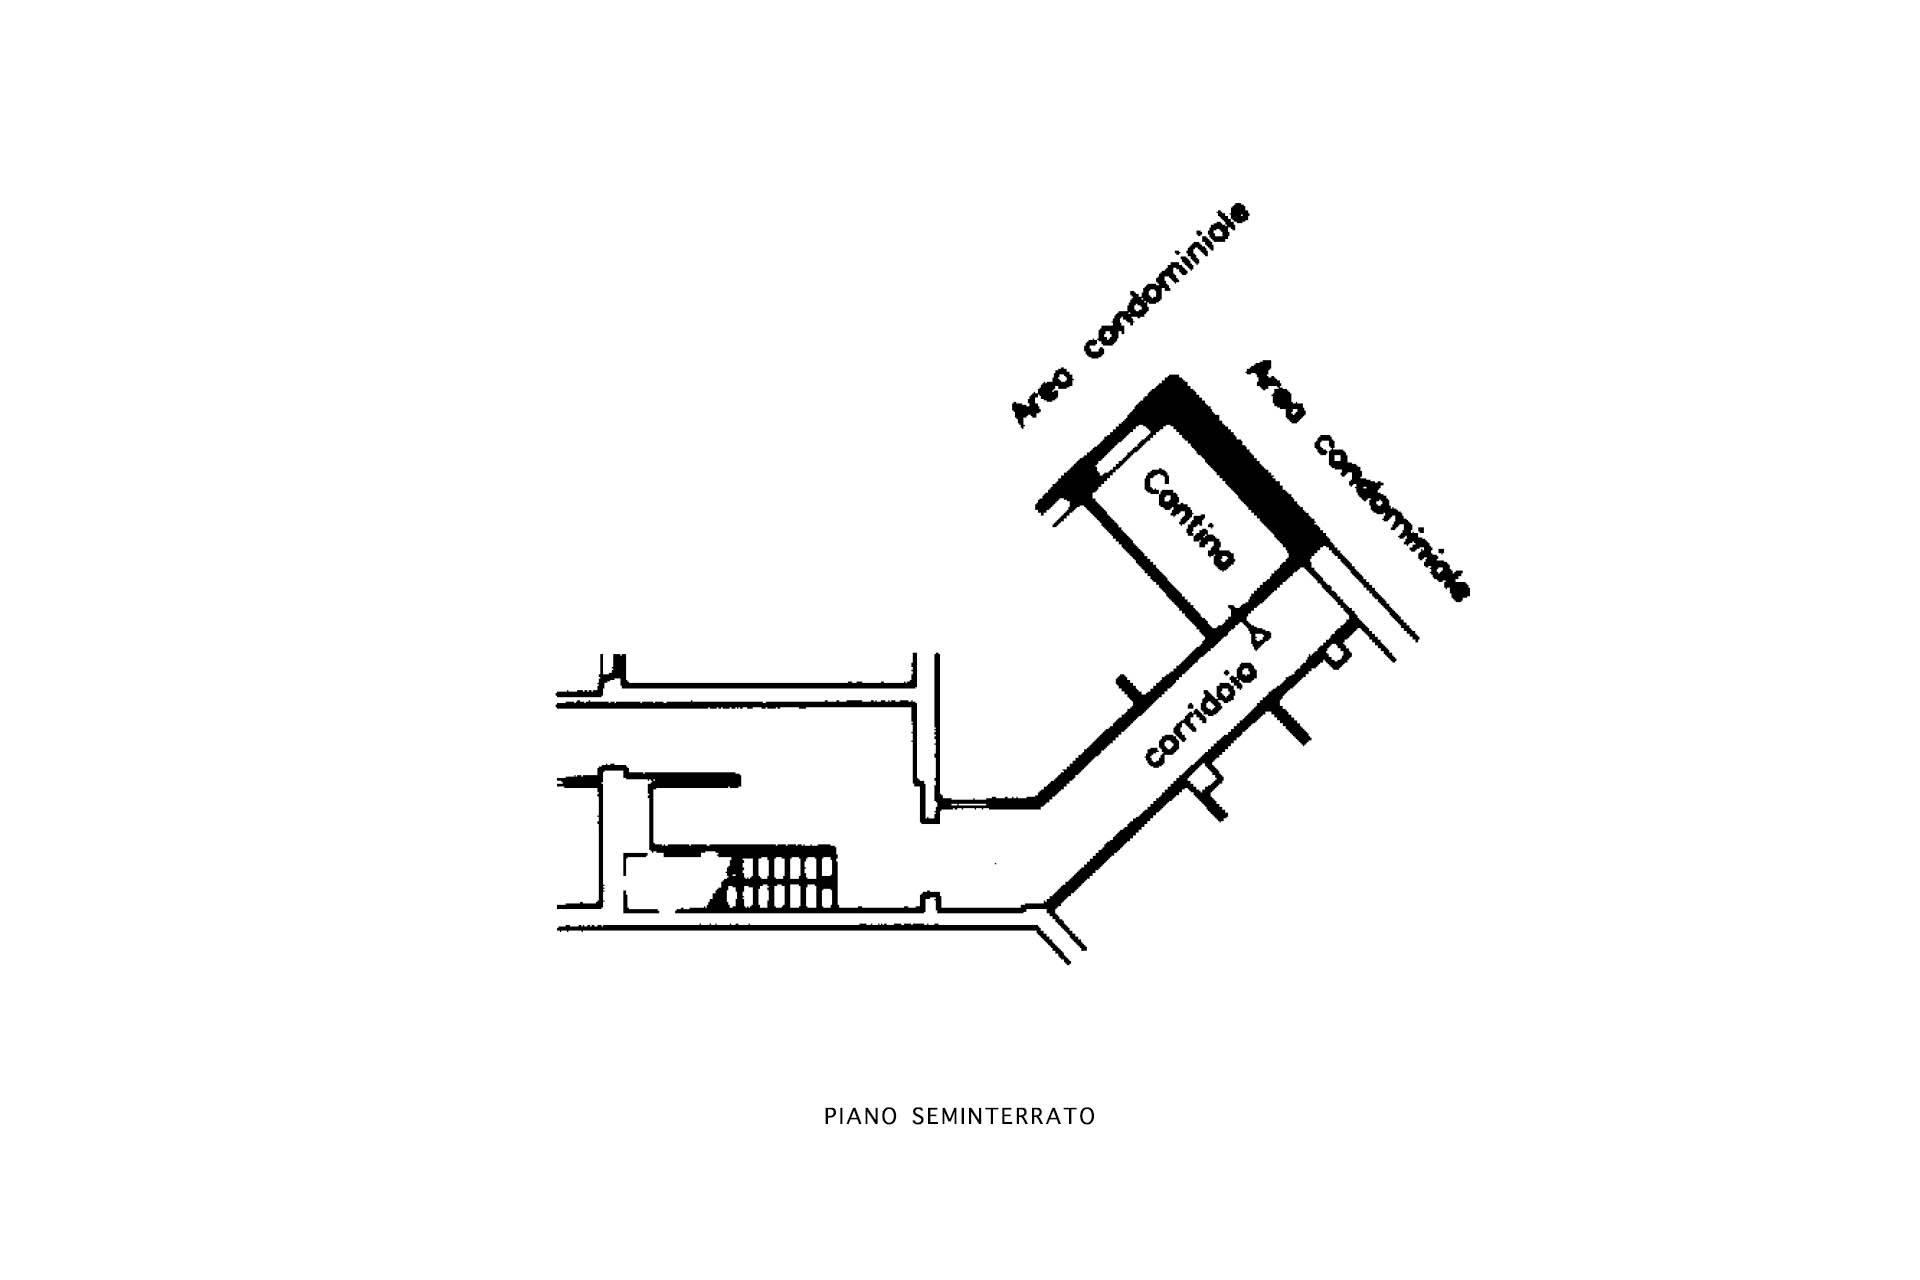 Planimetria magazzino/cantina